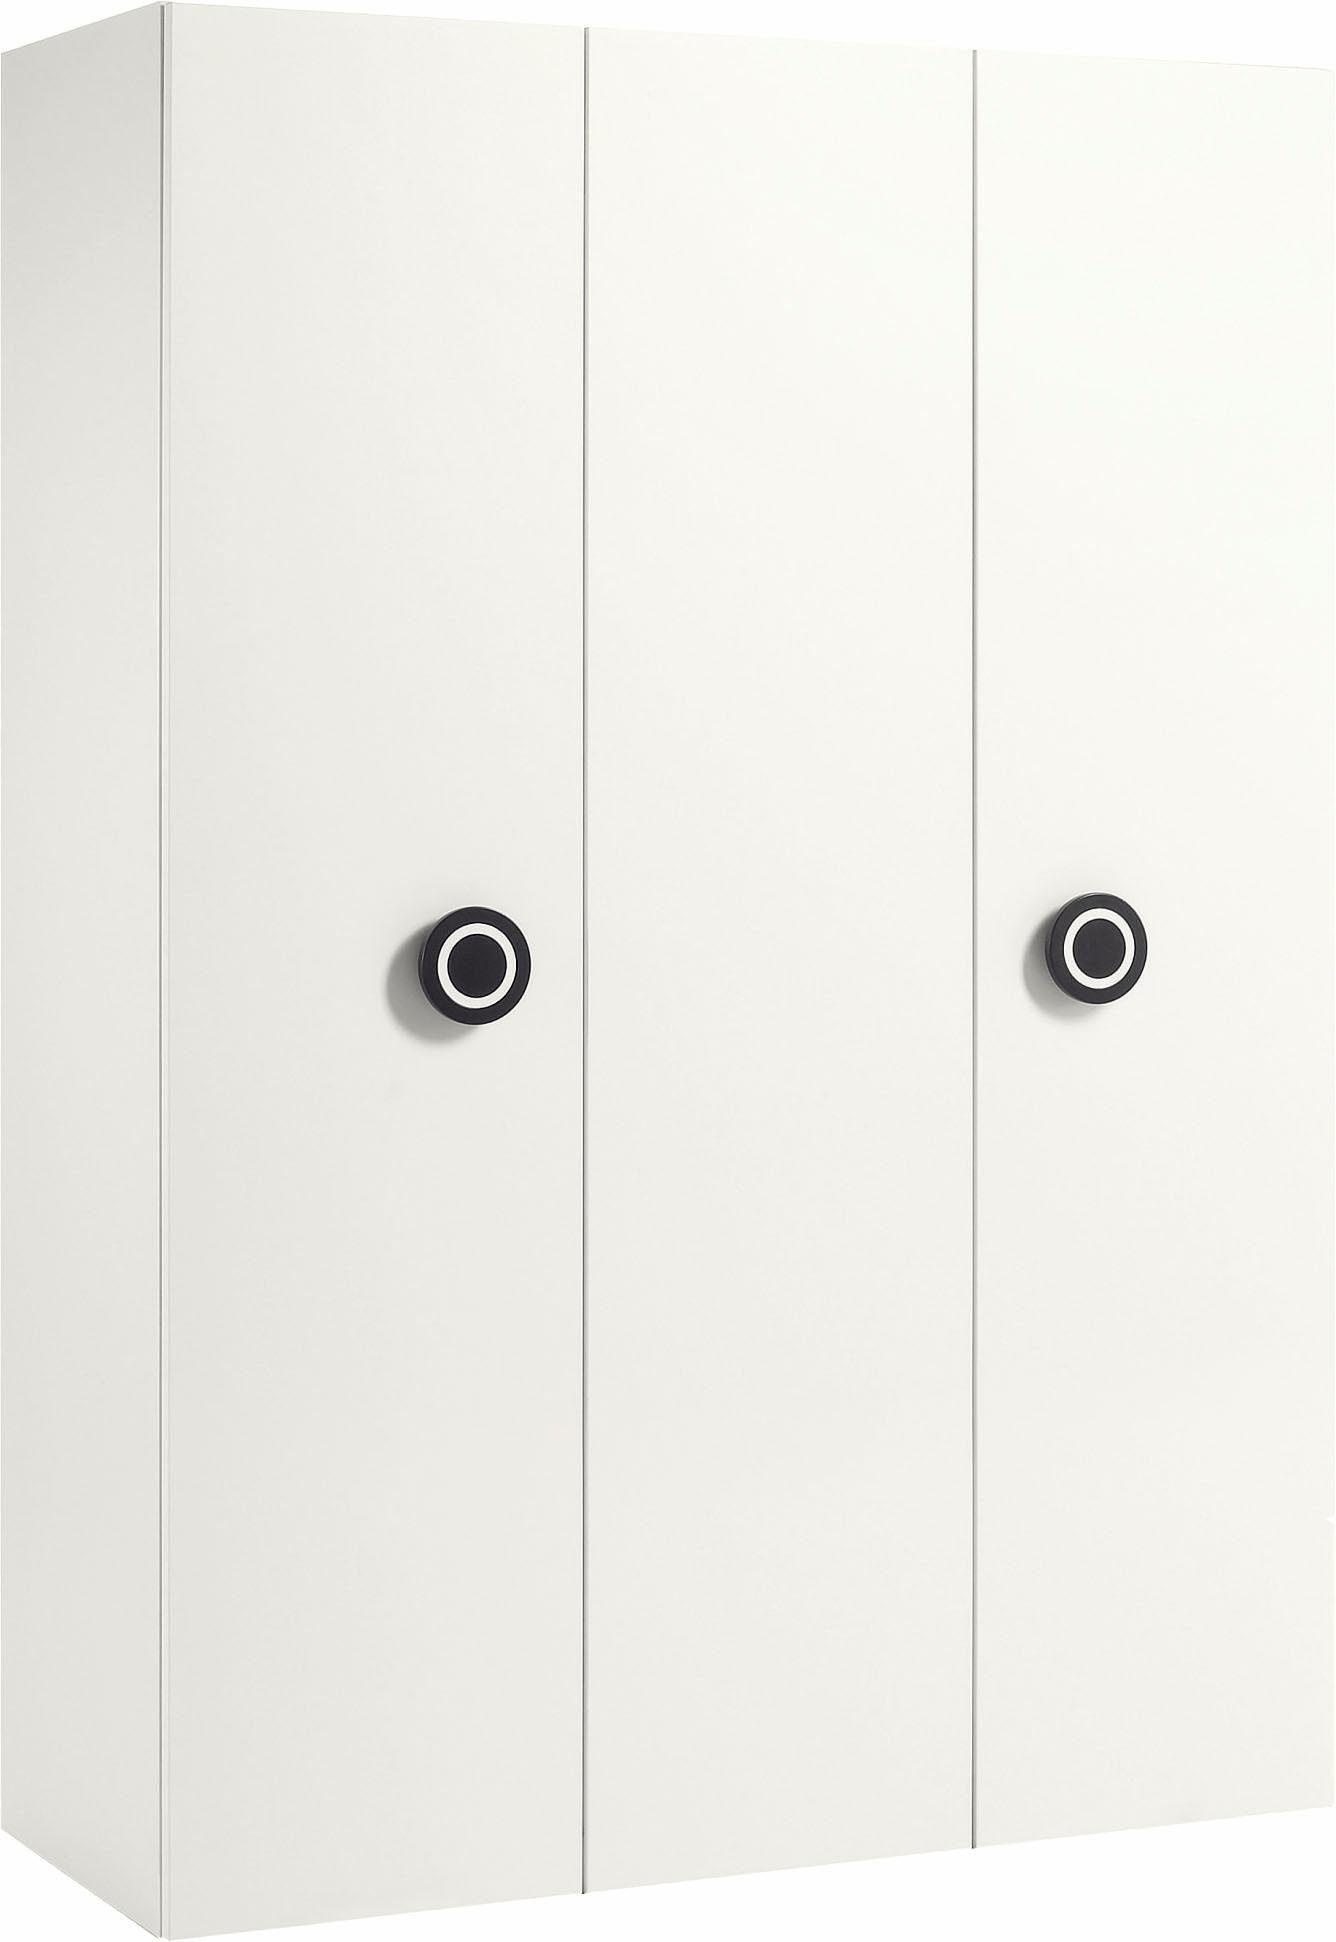 now! by hülsta Kleiderschrank »now! minimo« mit schwarzen Augengriffen